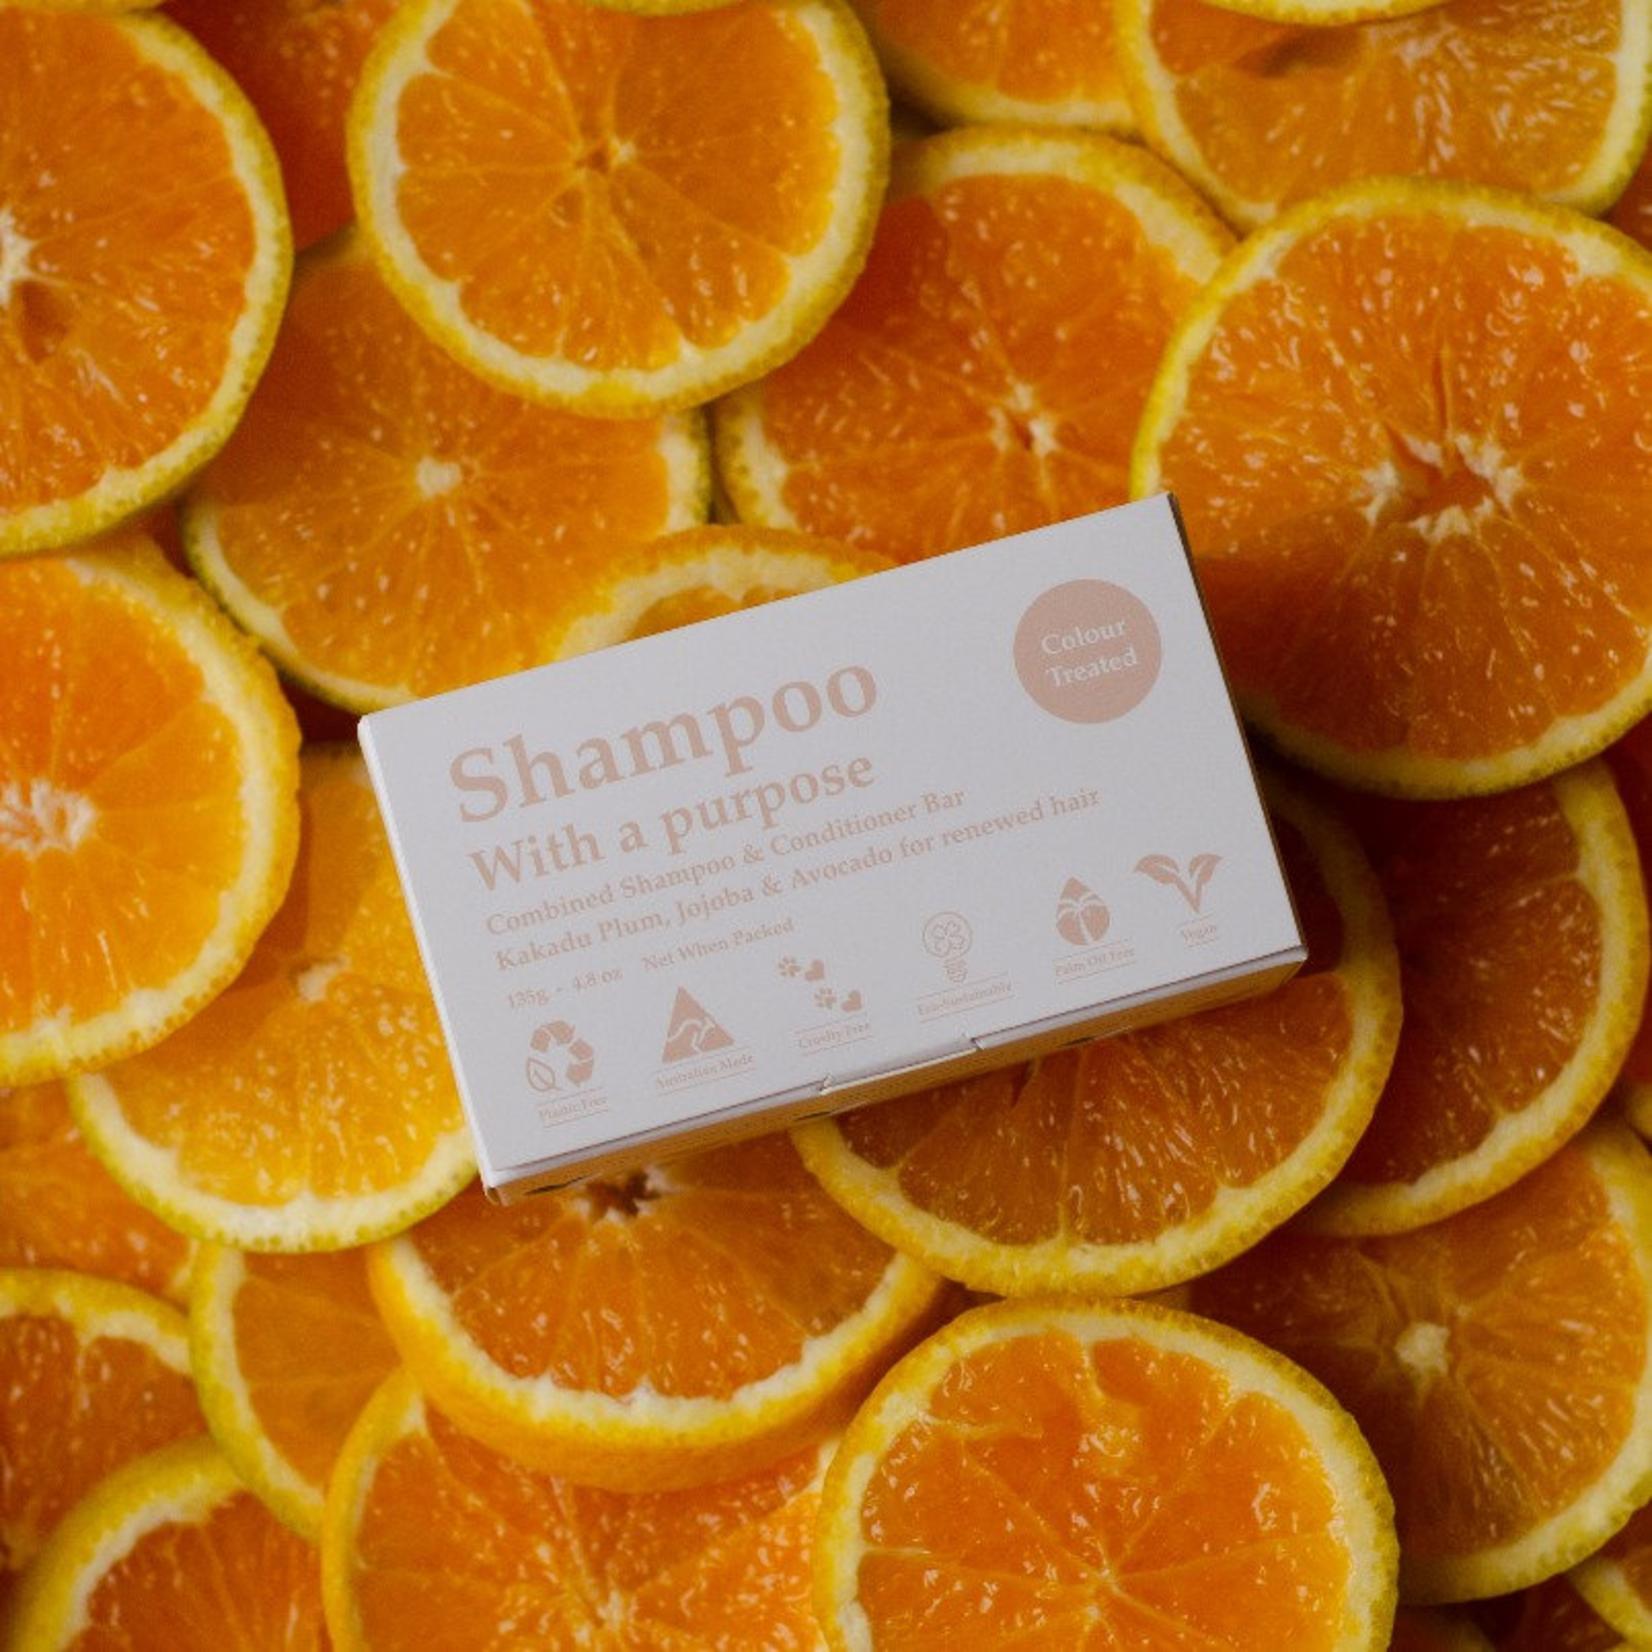 Shampoo With a Purpose Shampoo With A Purpose - Colour Treated